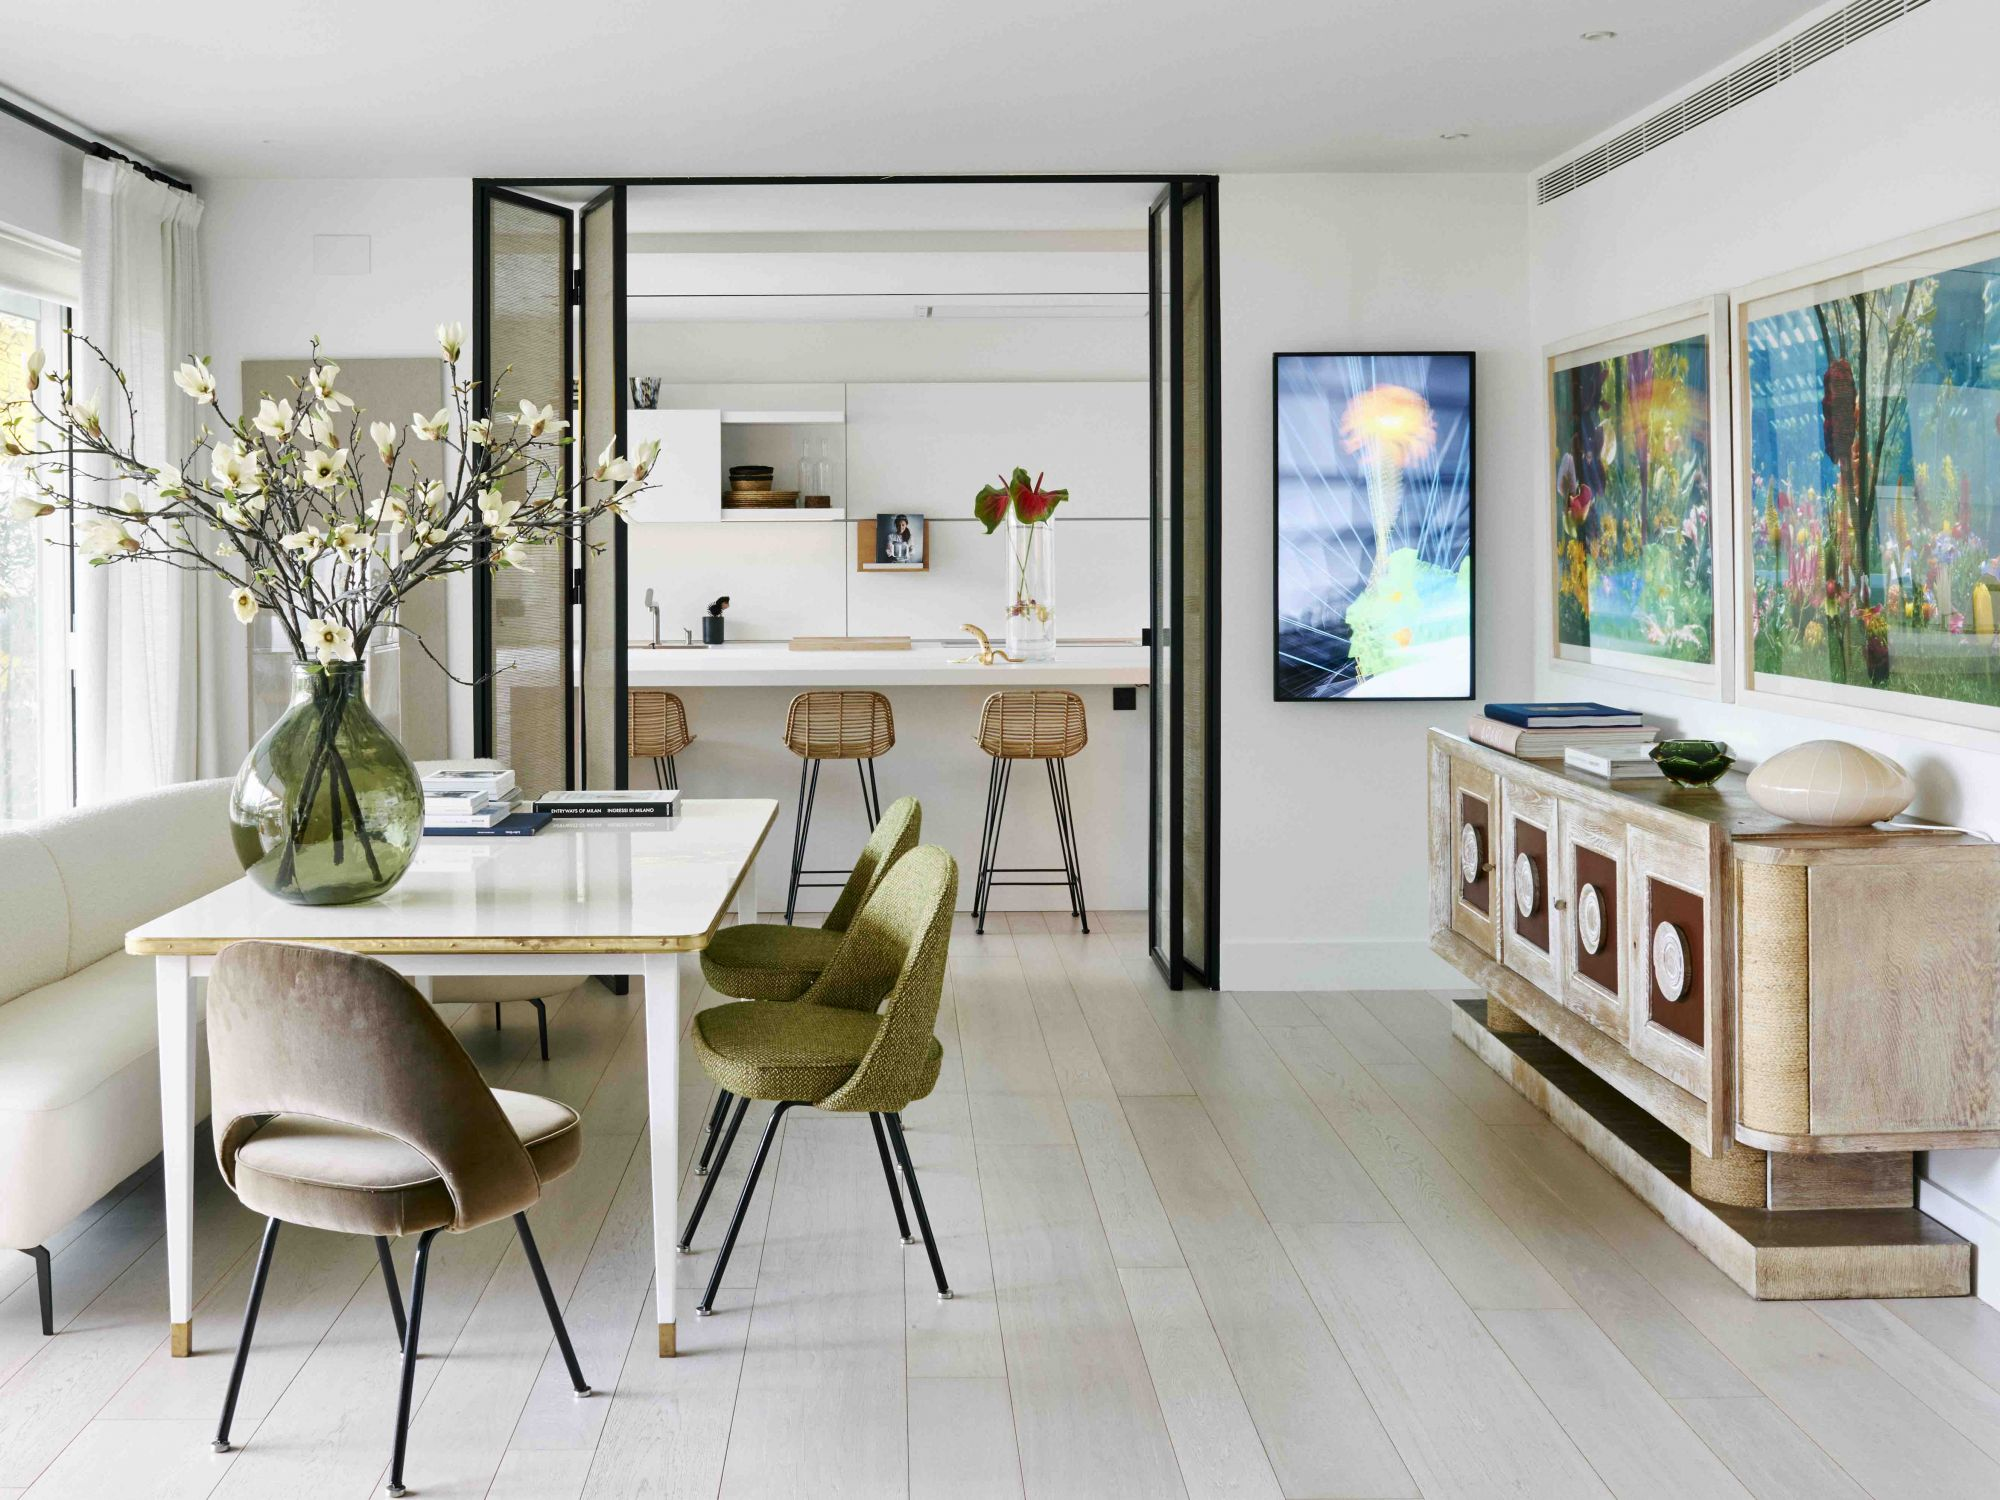 La salle à manger comprend les chaises Knoll Executive d'Eero Saarinen, une paire d'œuvres d'art de Marc Quinn et l'art numérique de Miguel Chevalier de Ventana Contemporary